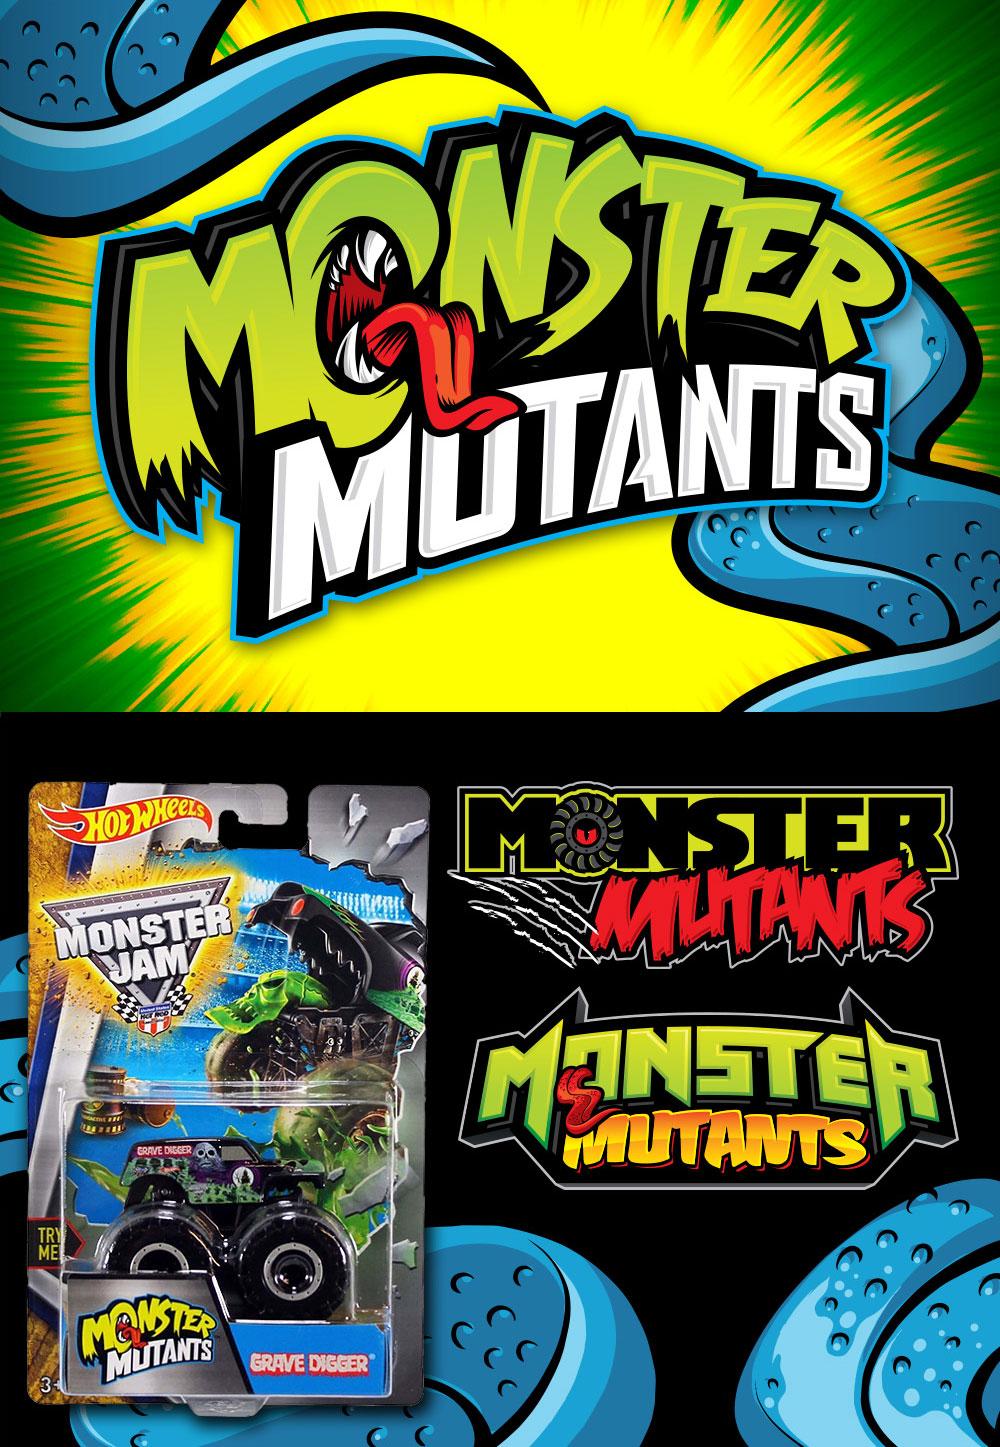 Monster_Mutants.jpg